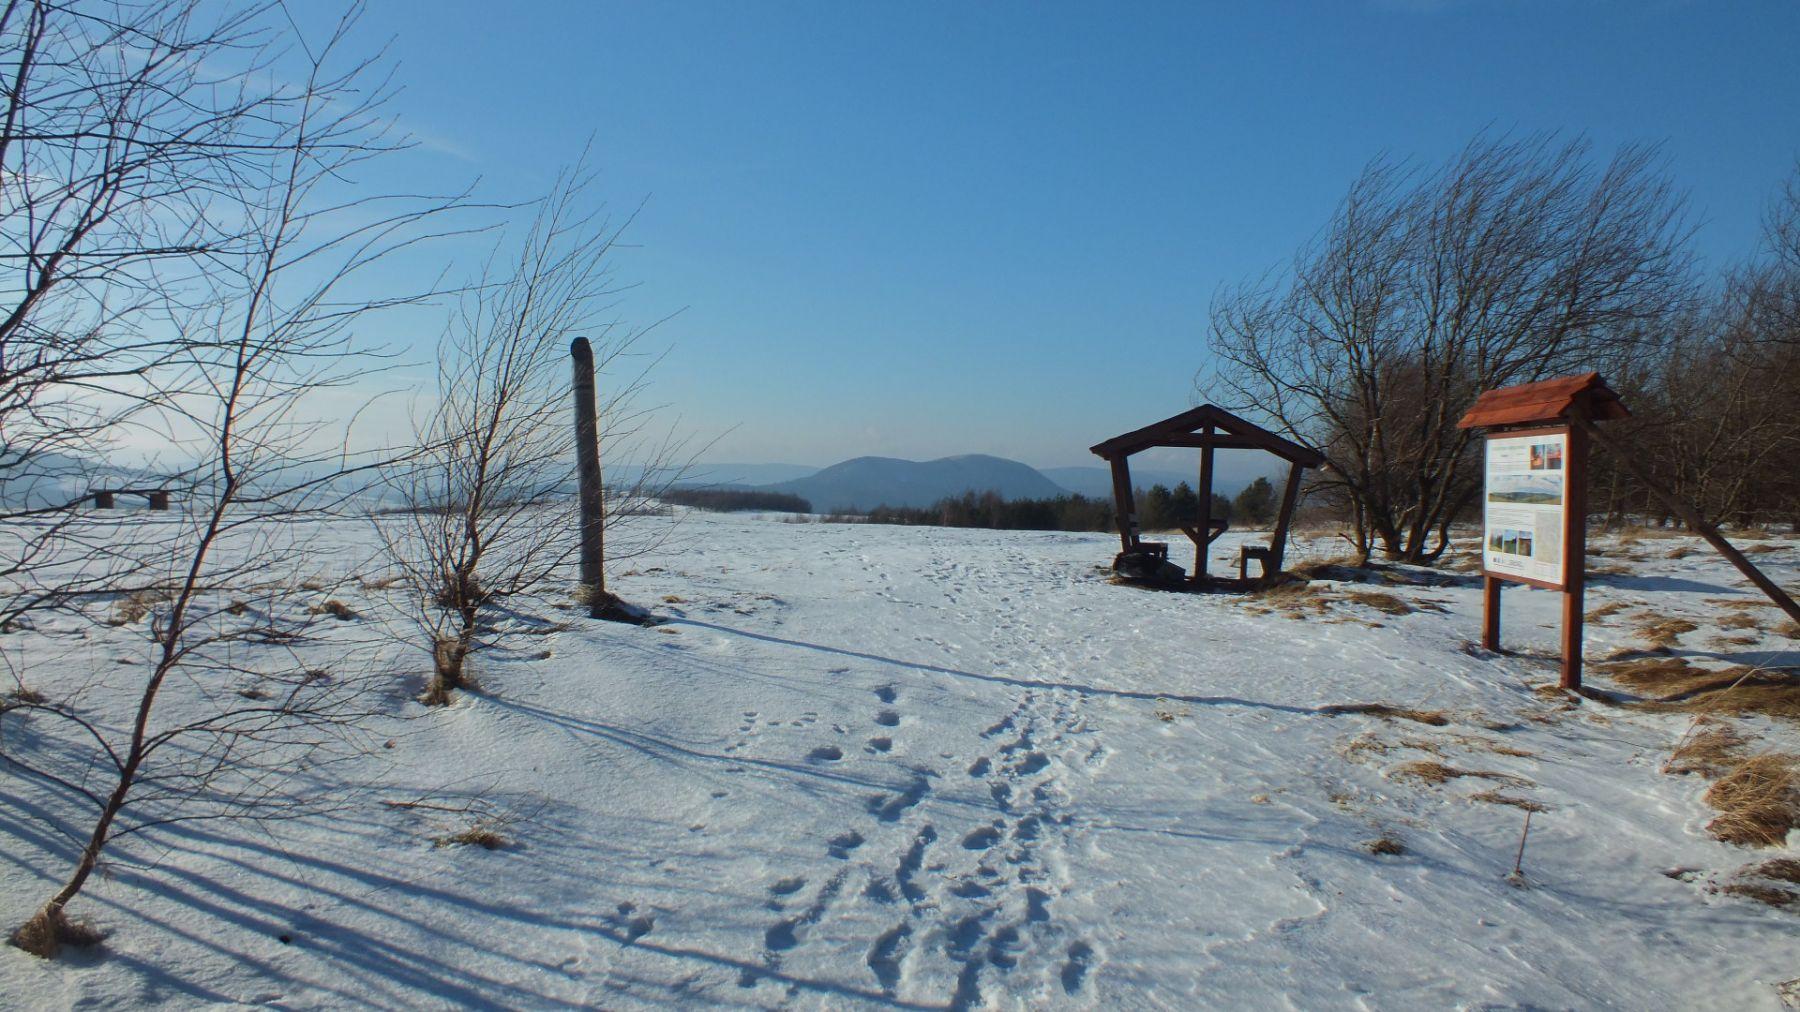 Przymiarki Zima 8